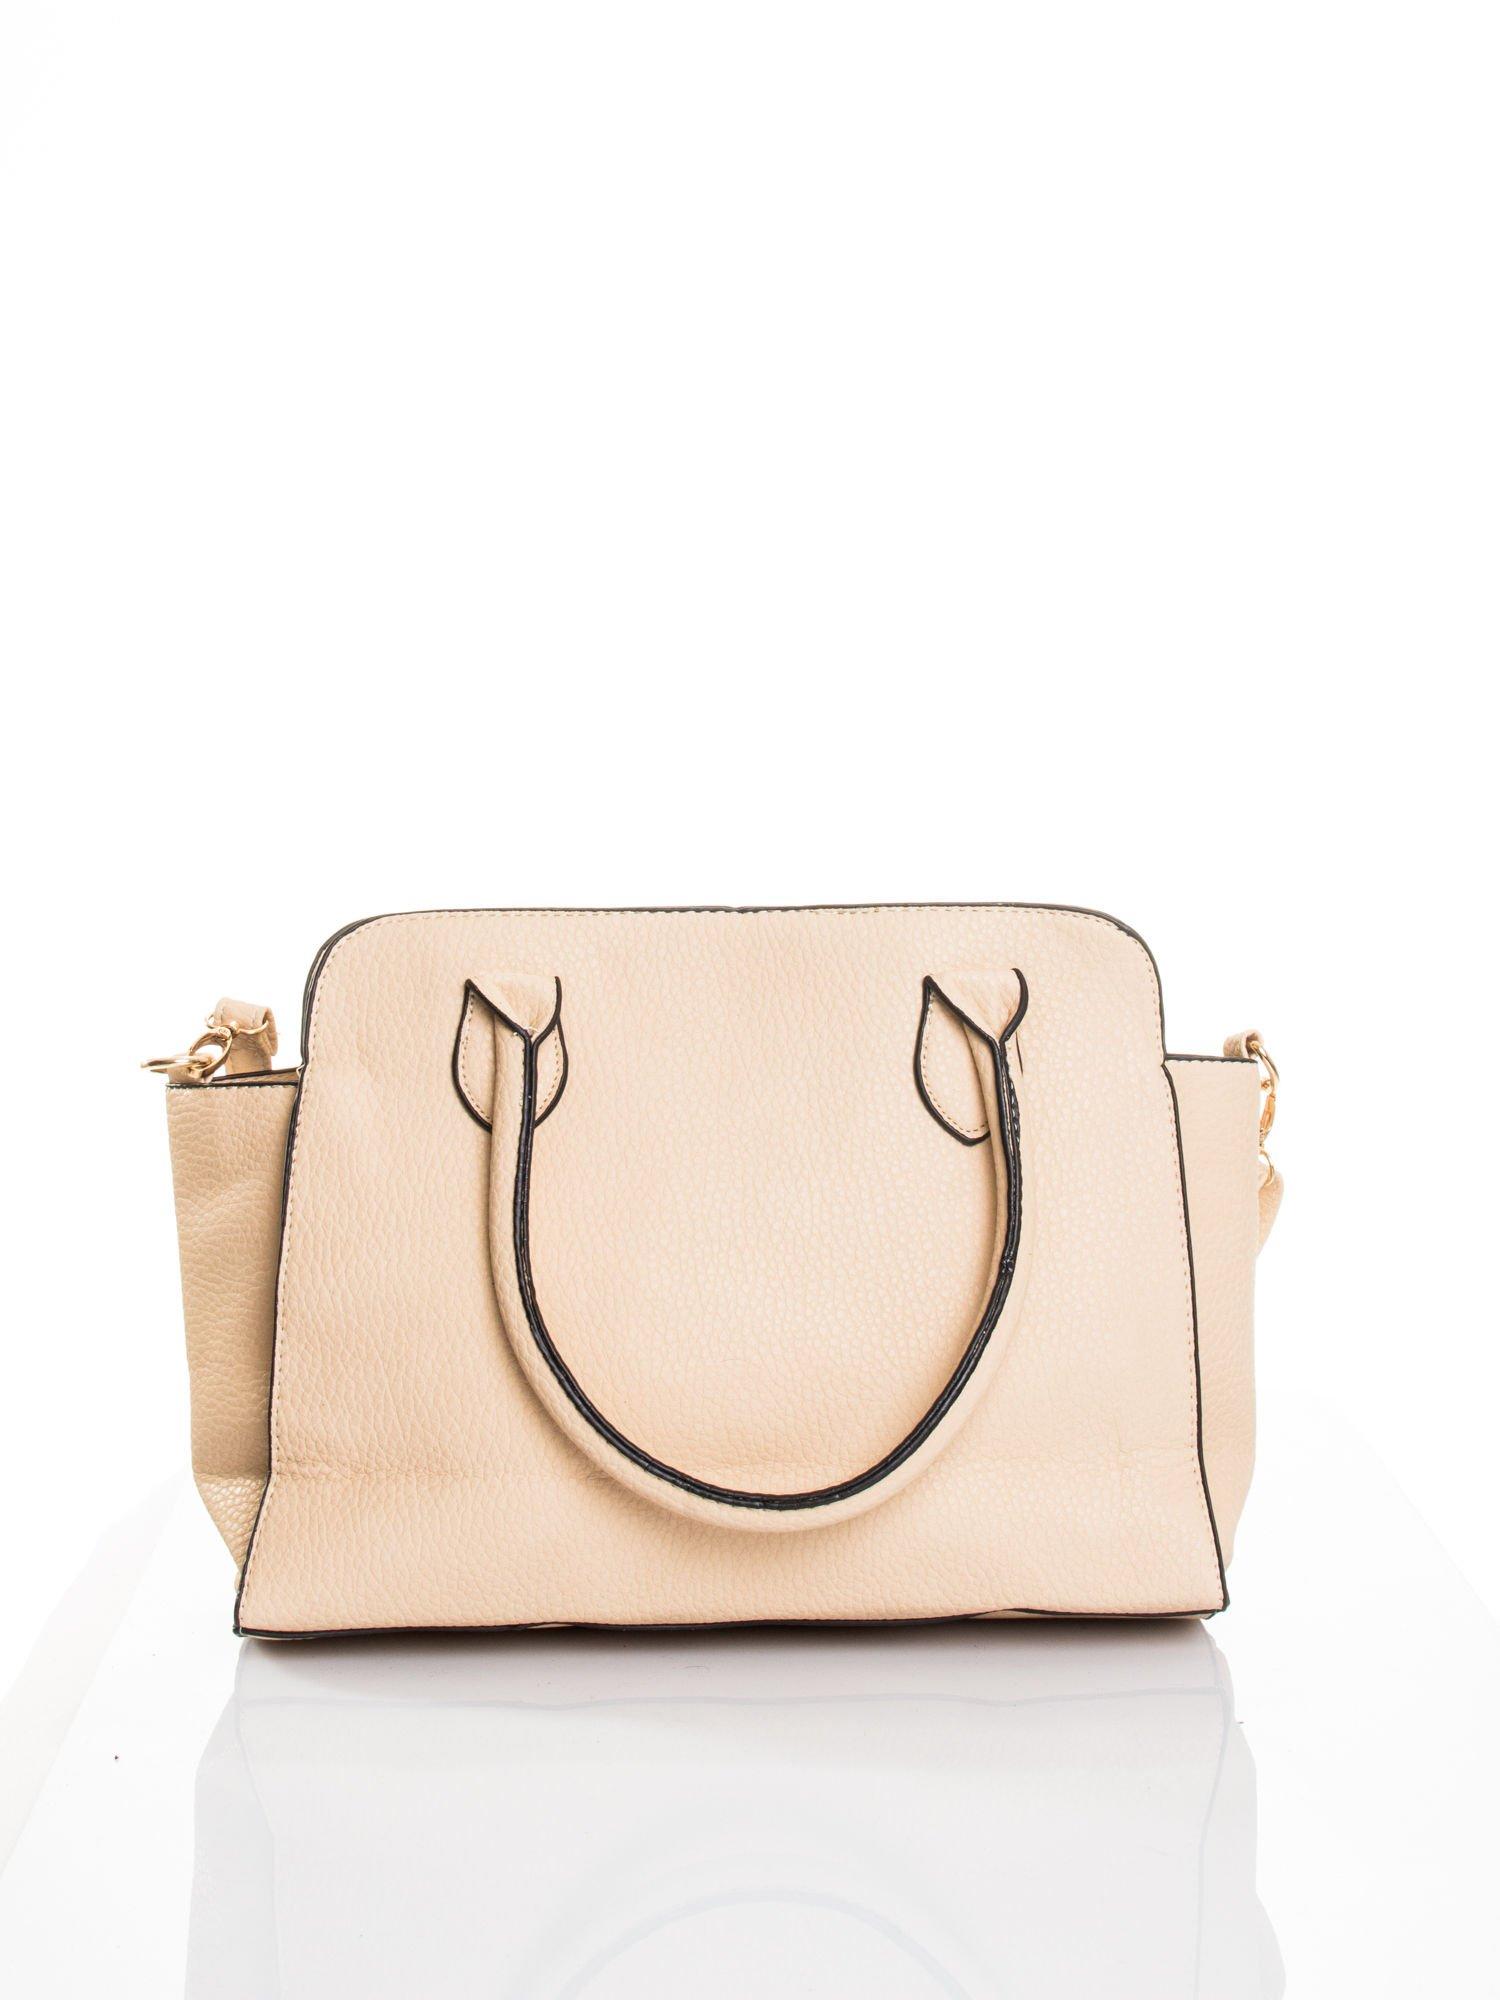 Kremowa torba z klamrami z odpinanym paskiem                                  zdj.                                  1